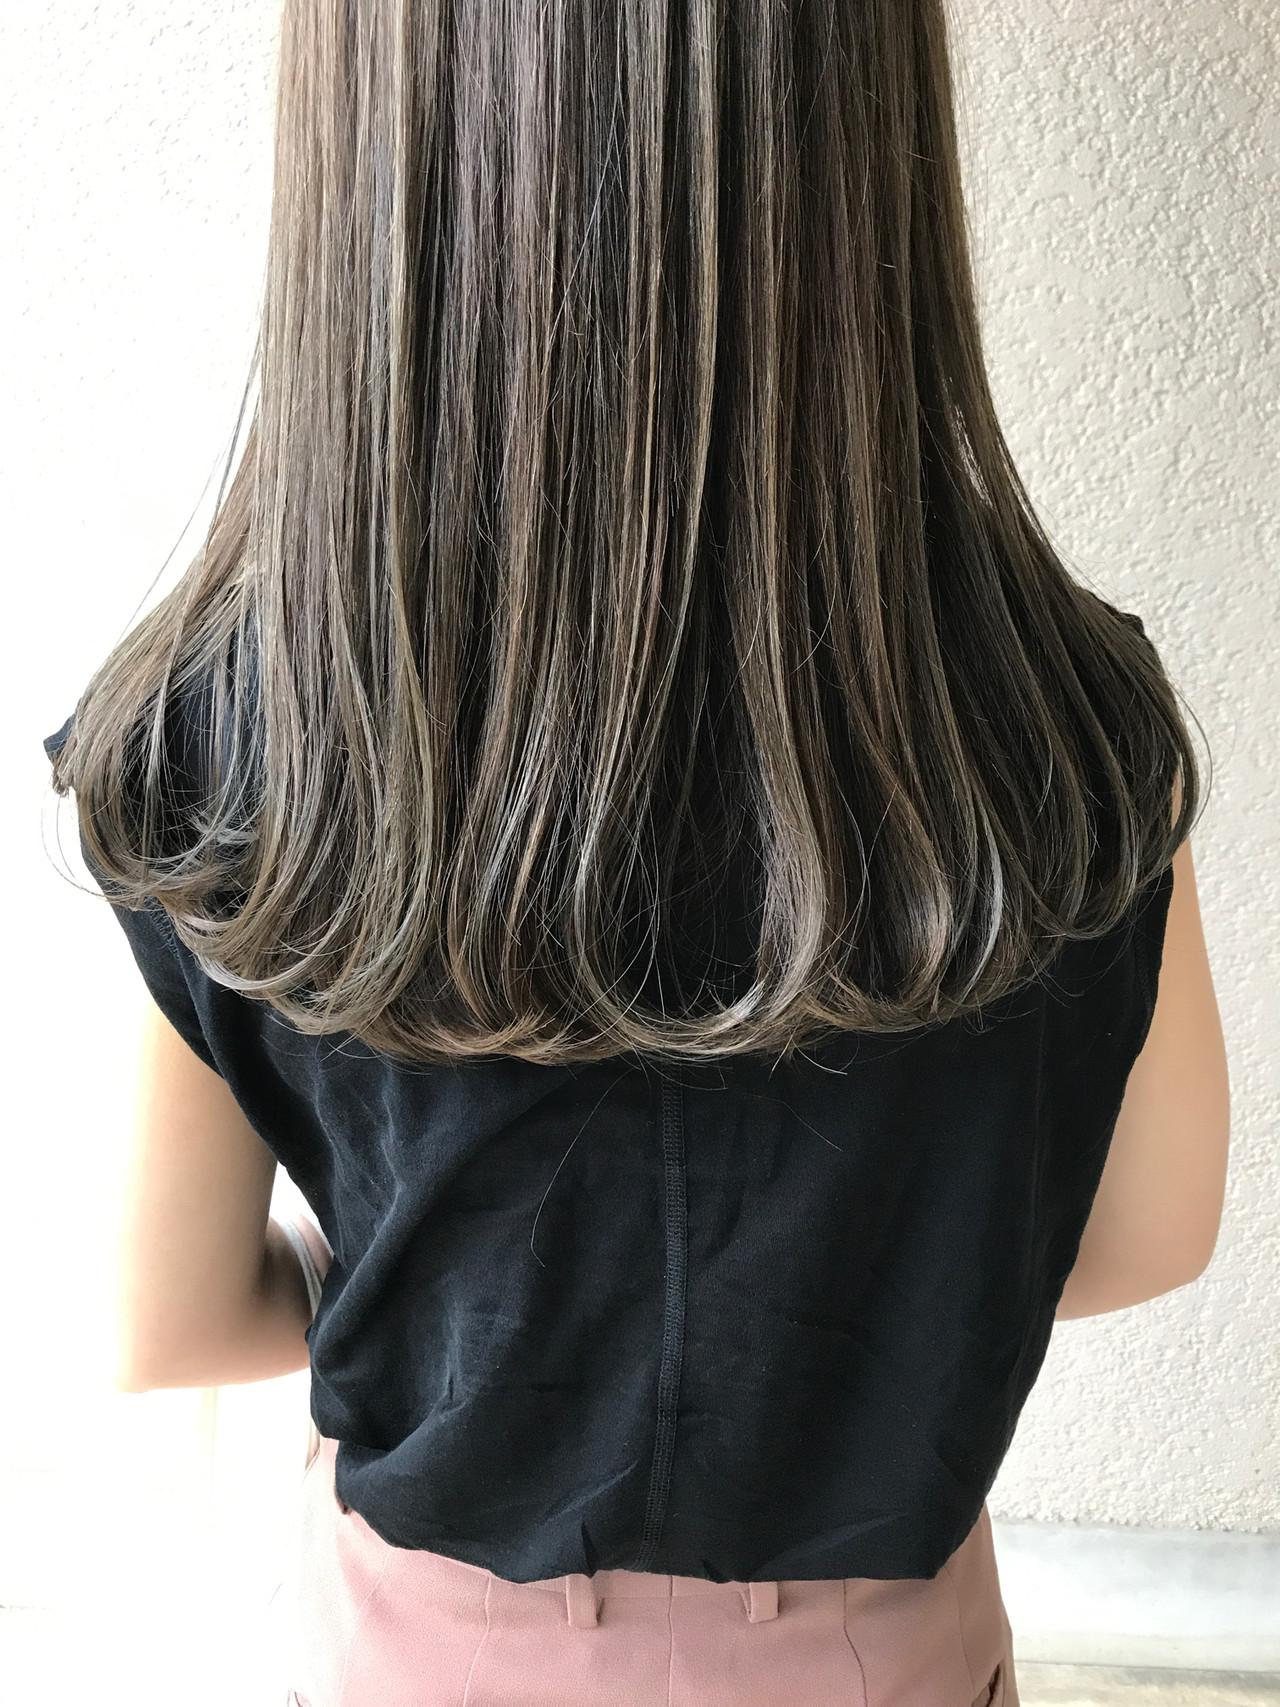 オリーブカラー オリーブブラウン オリーブアッシュ ロング ヘアスタイルや髪型の写真・画像